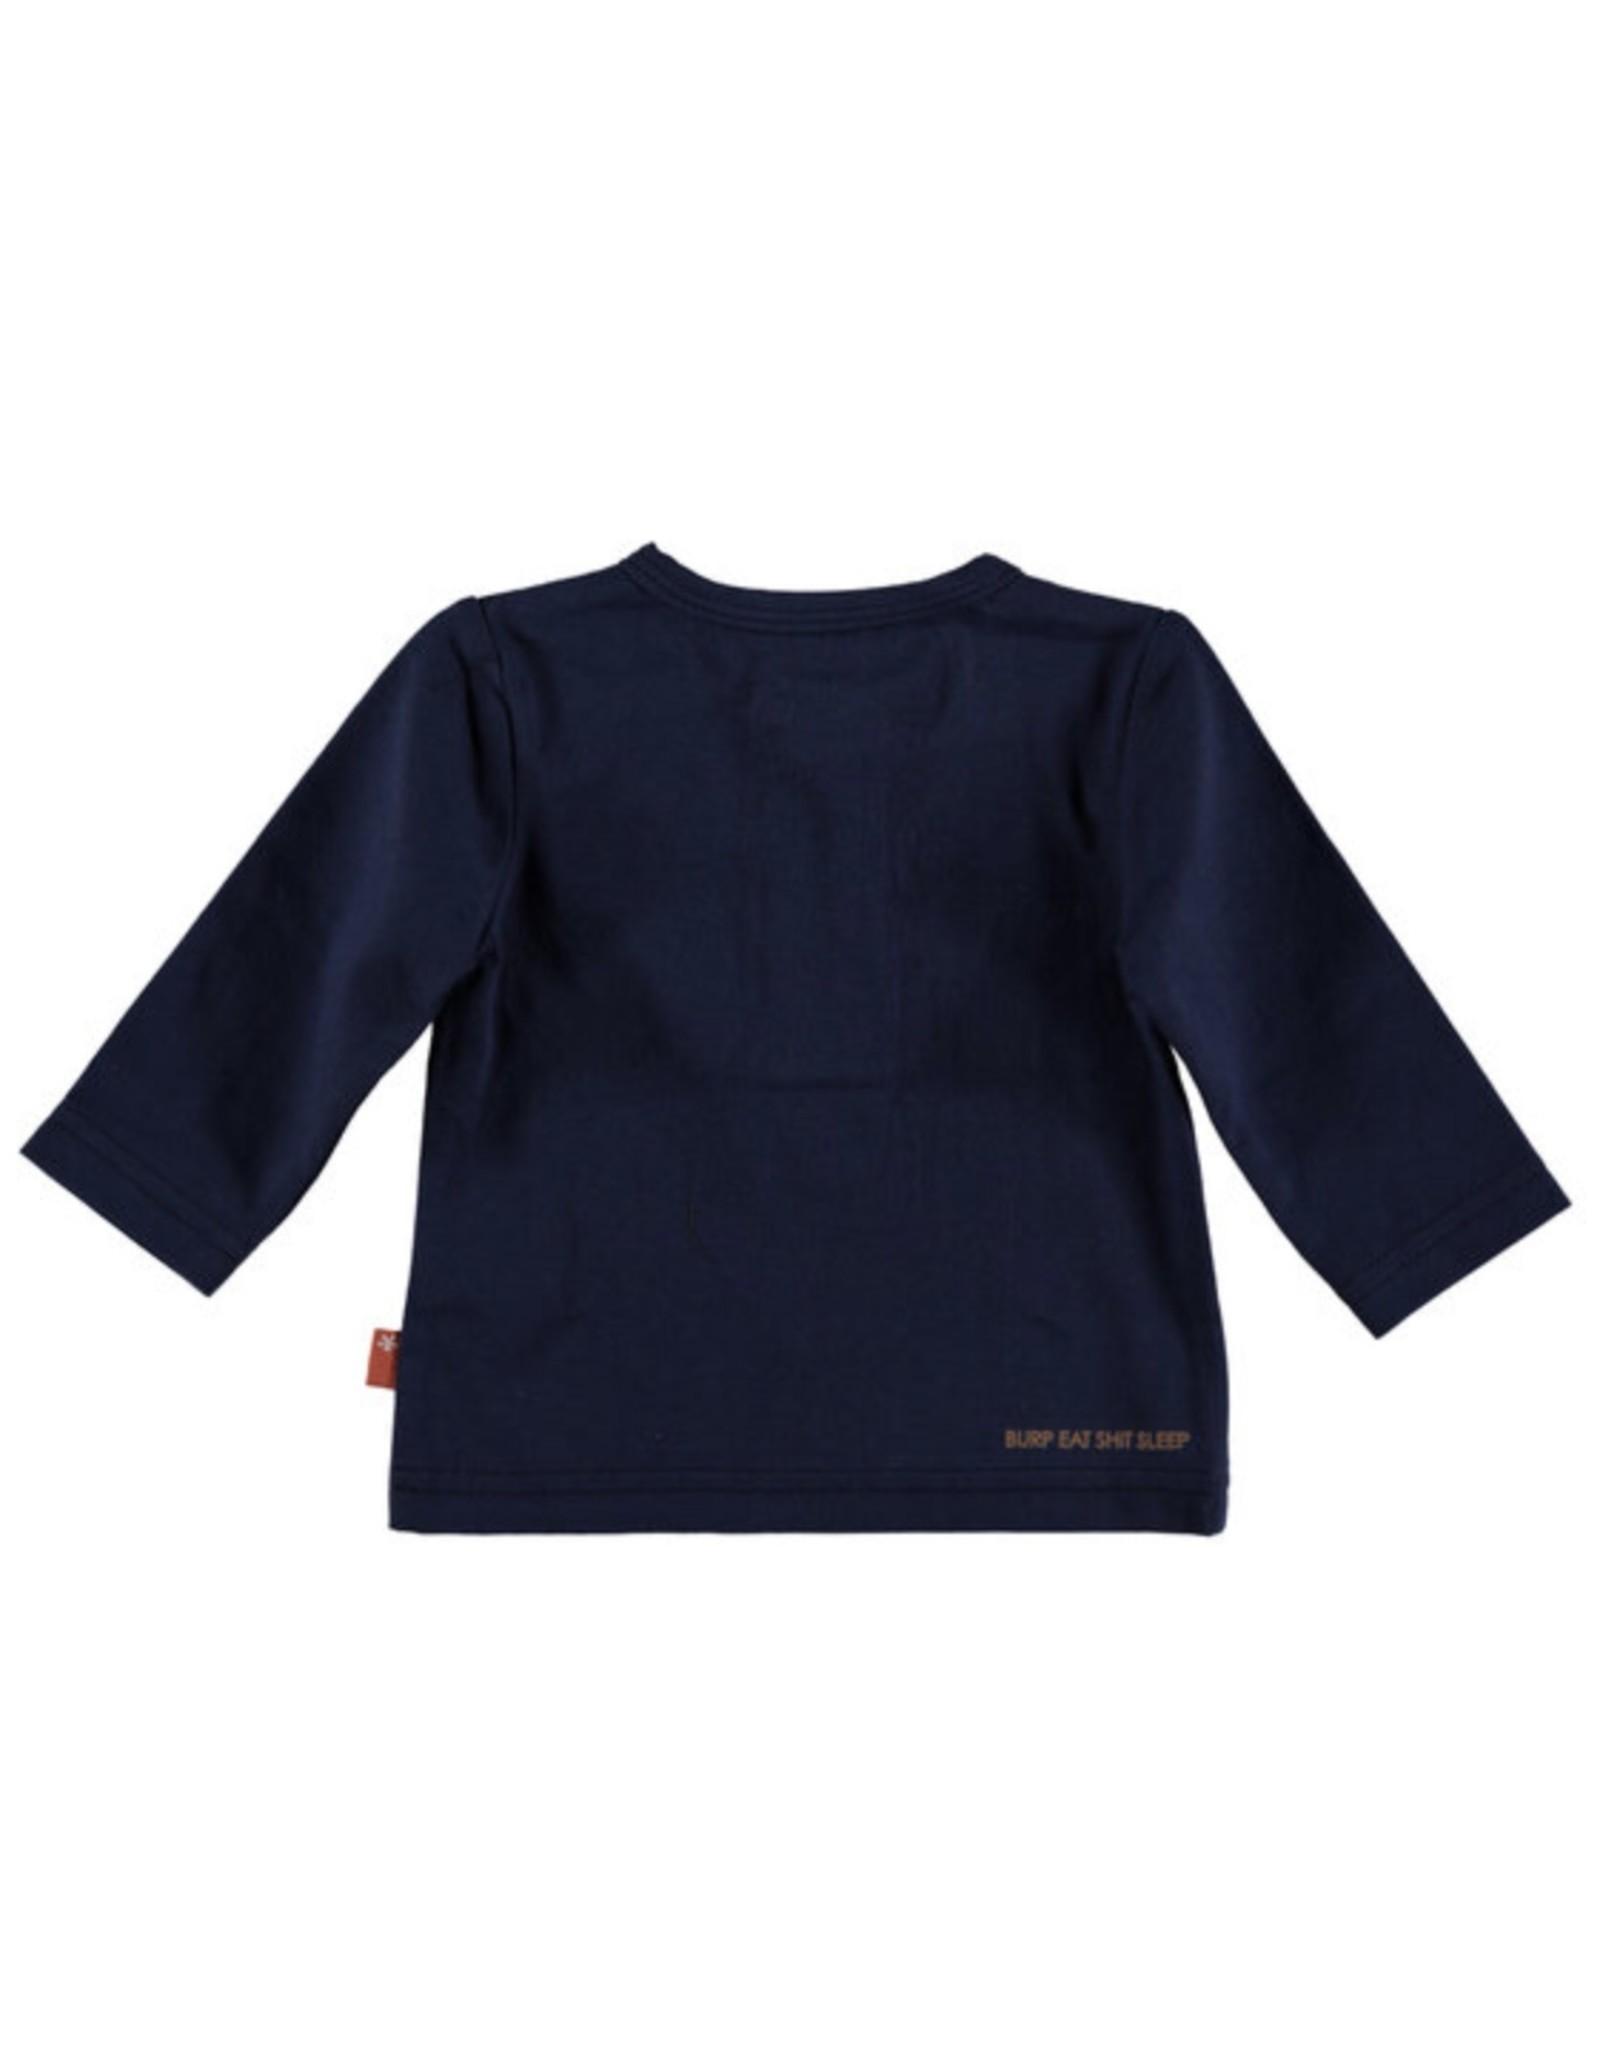 B*E*S*S 21008  T-Shirt